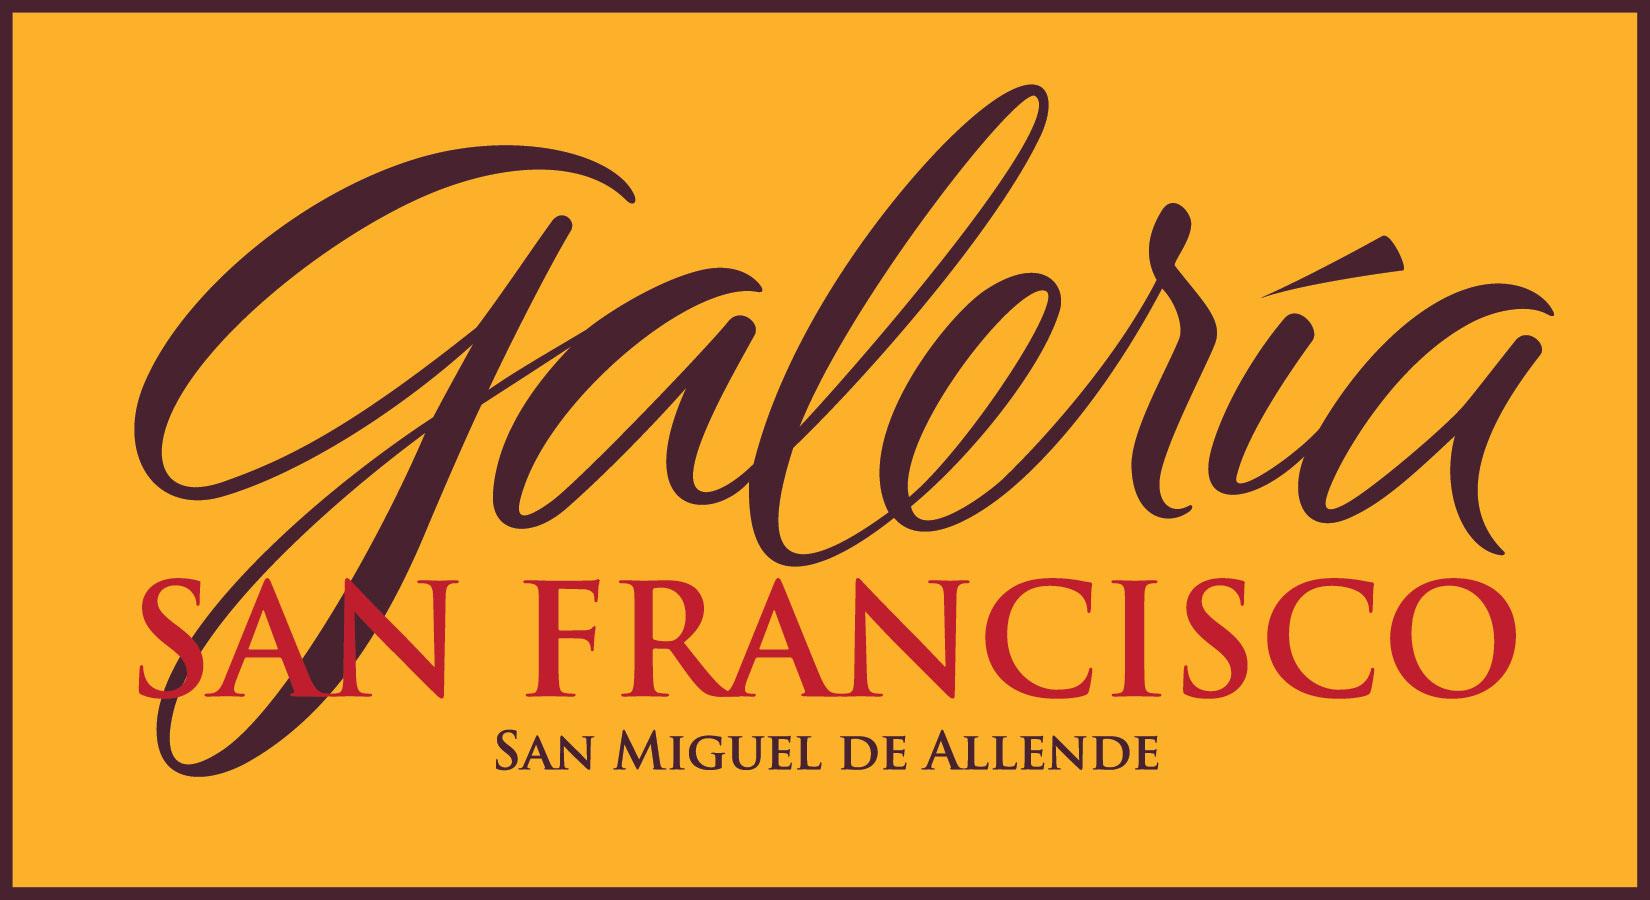 Galeria San Francisco, San Miguel de Allende, MX